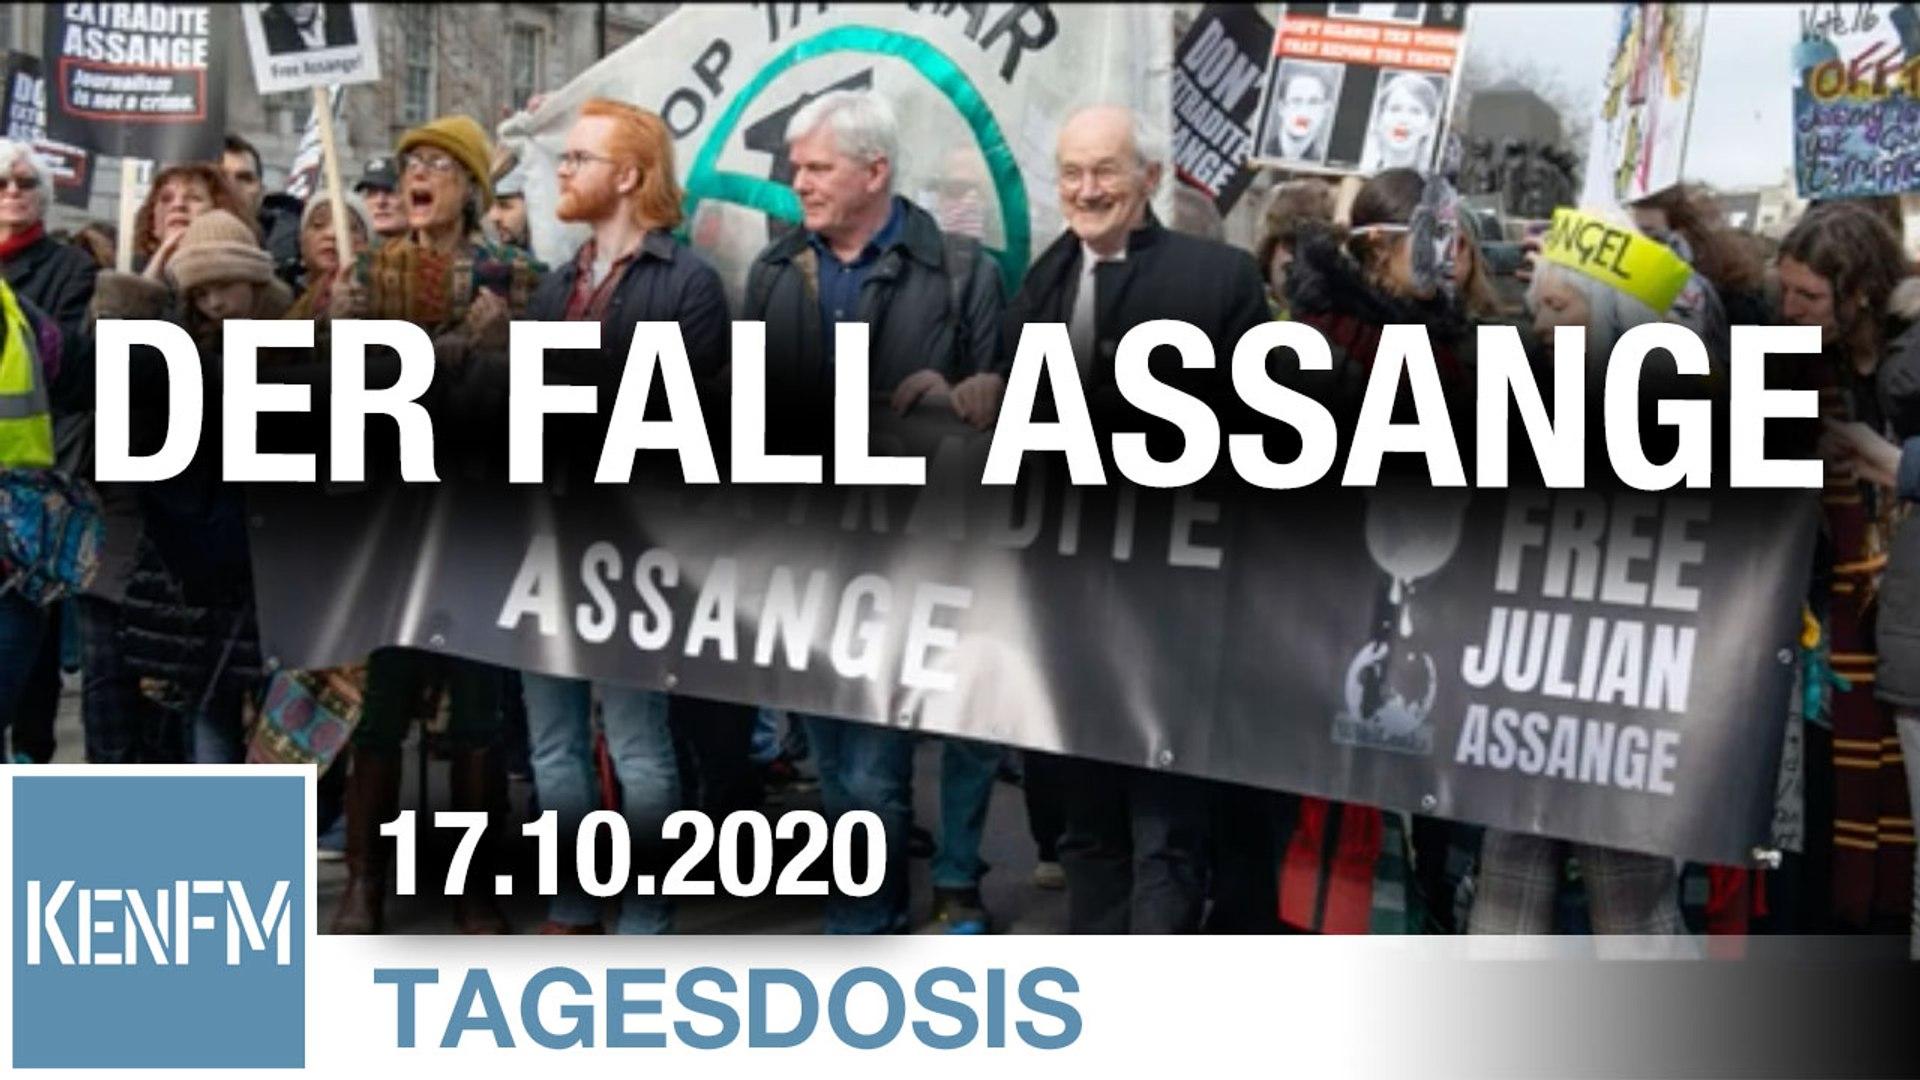 Der Fall Assange: Unser Schweigen, unsere Komplizenschaft | Von Milosz Matuschek